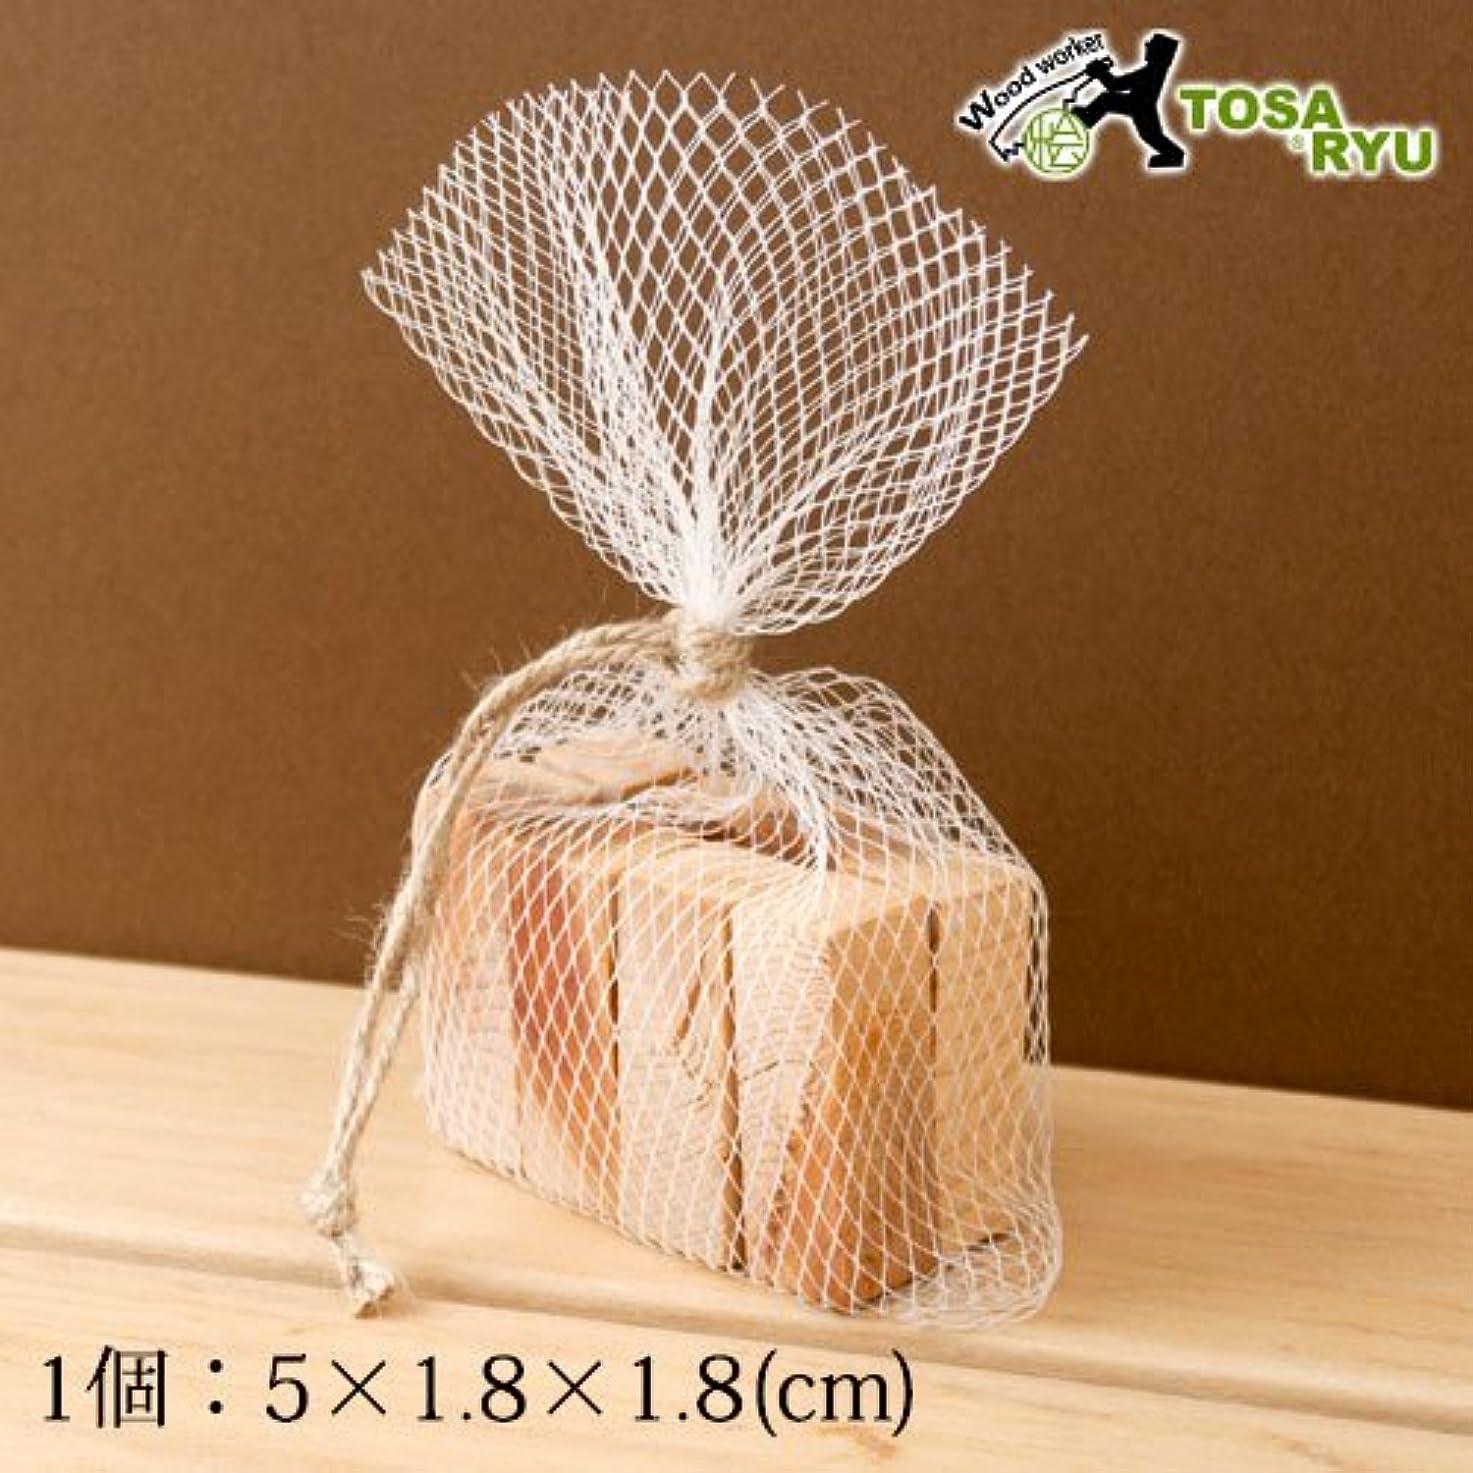 転倒雑草夫婦土佐龍アロマブロックメッシュ袋入り高知県の工芸品Bath additive of cypress, Kochi craft